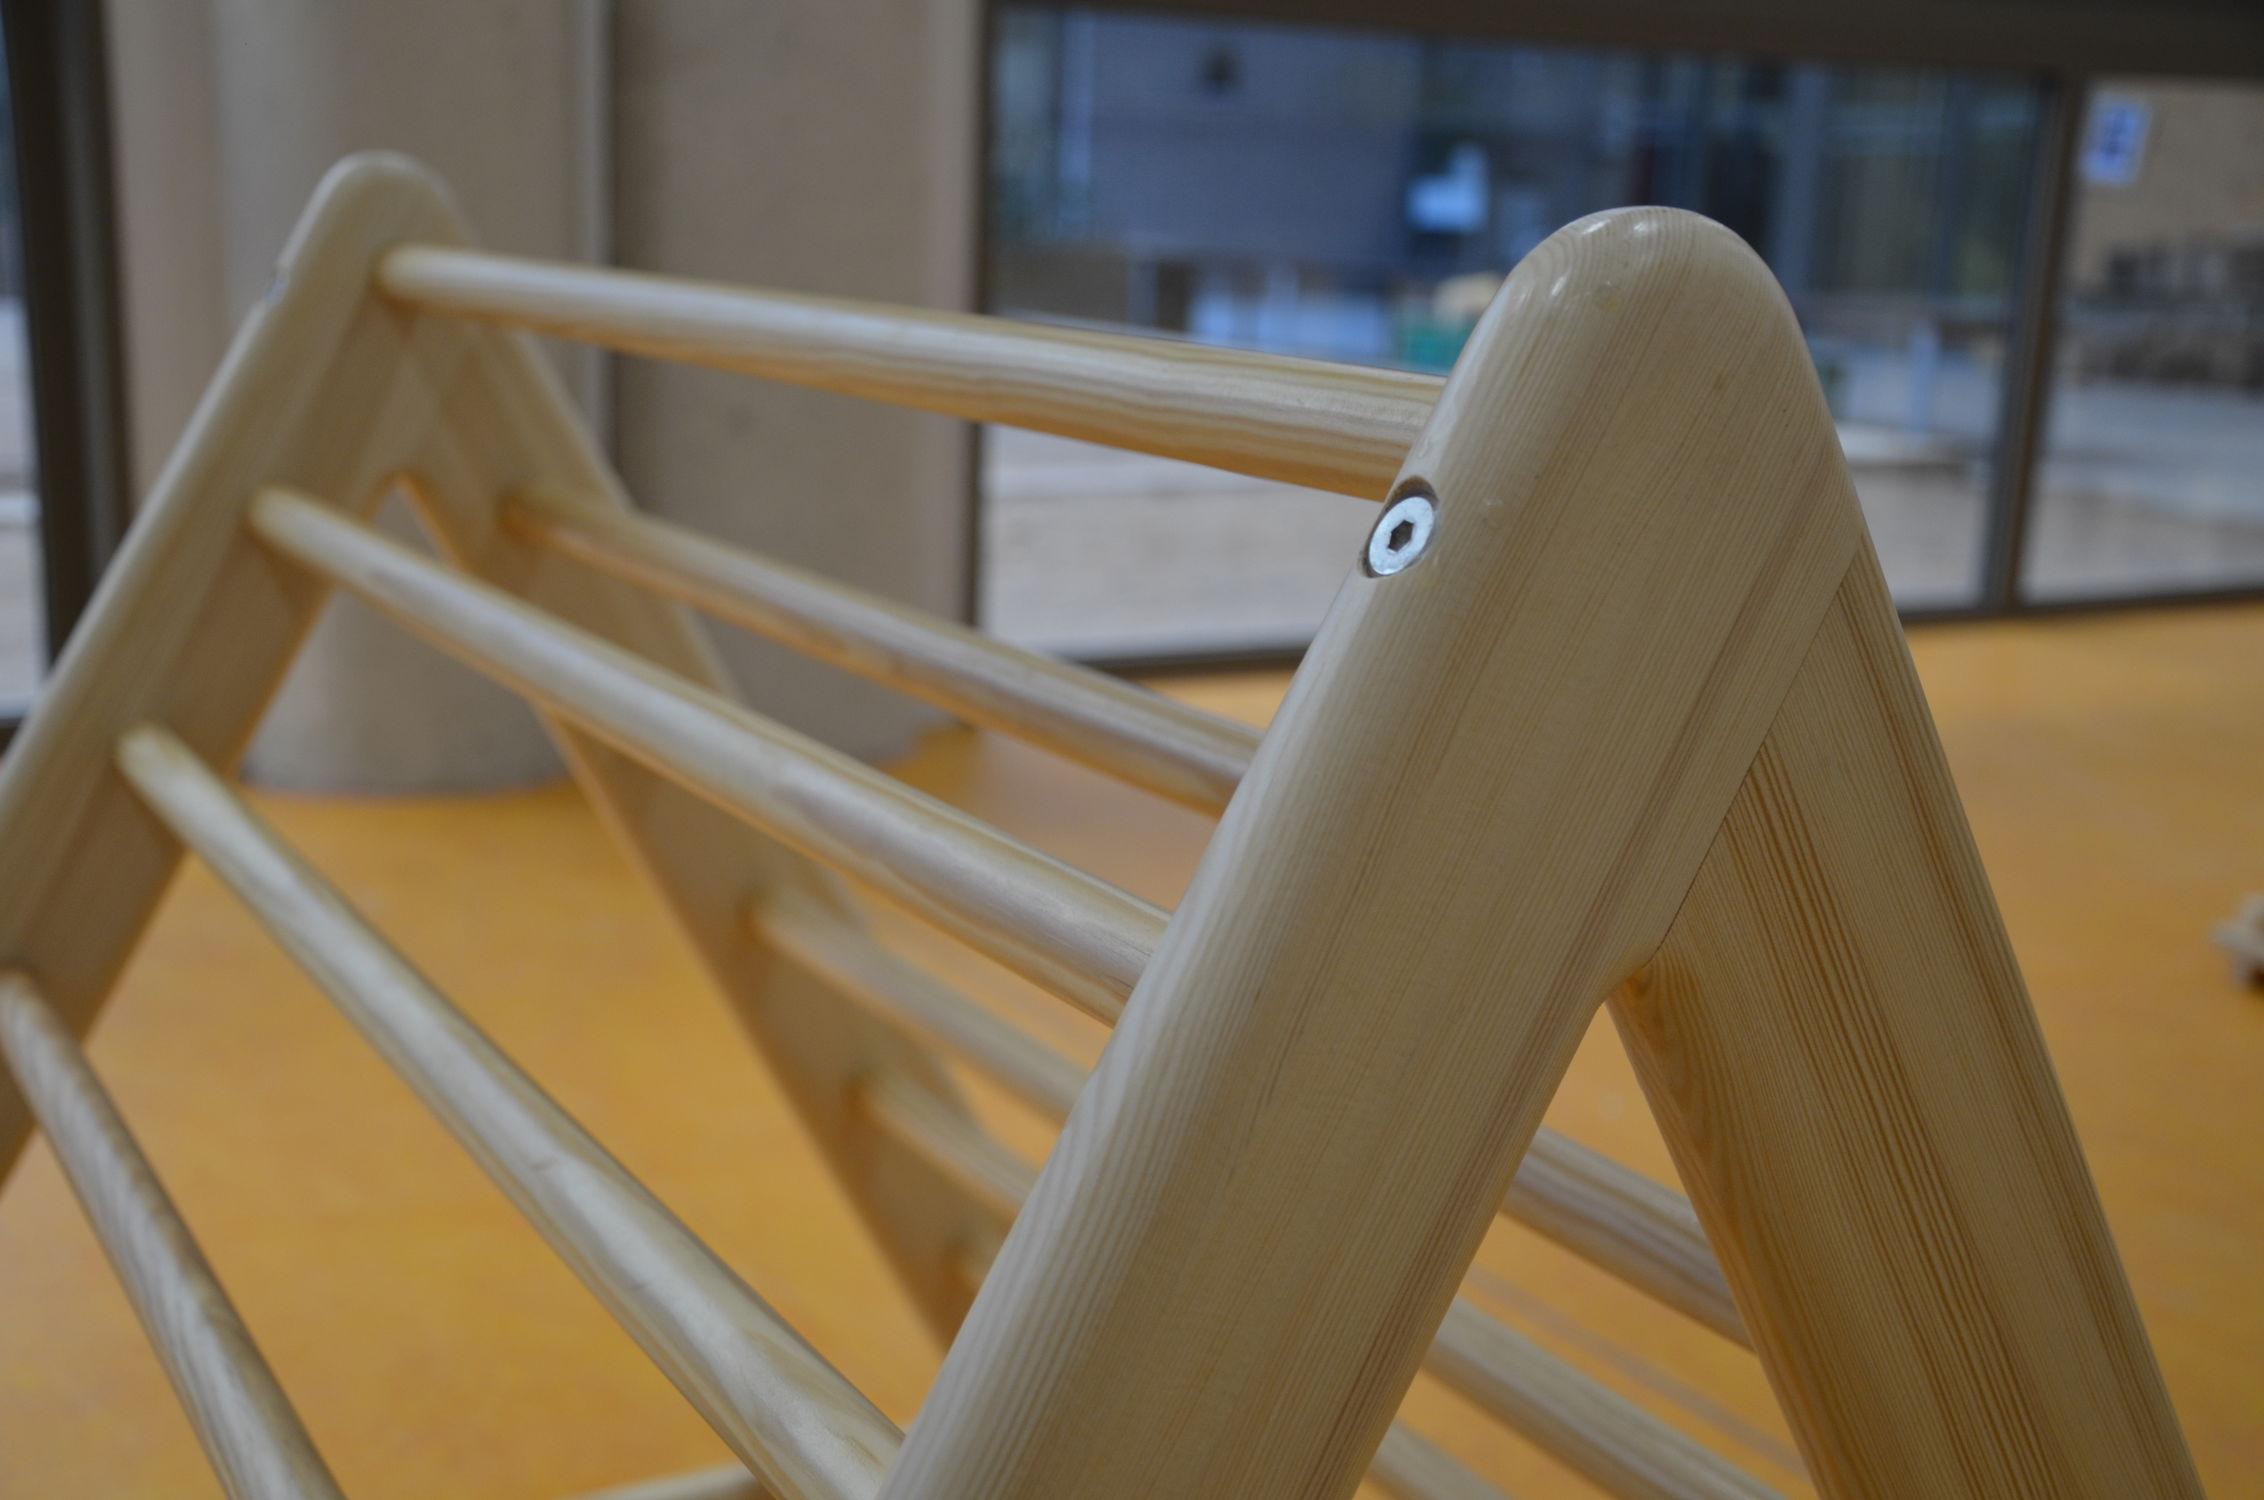 Klettergerüst Nach Pikler : Klettergerüst triangle pikler® ergokids